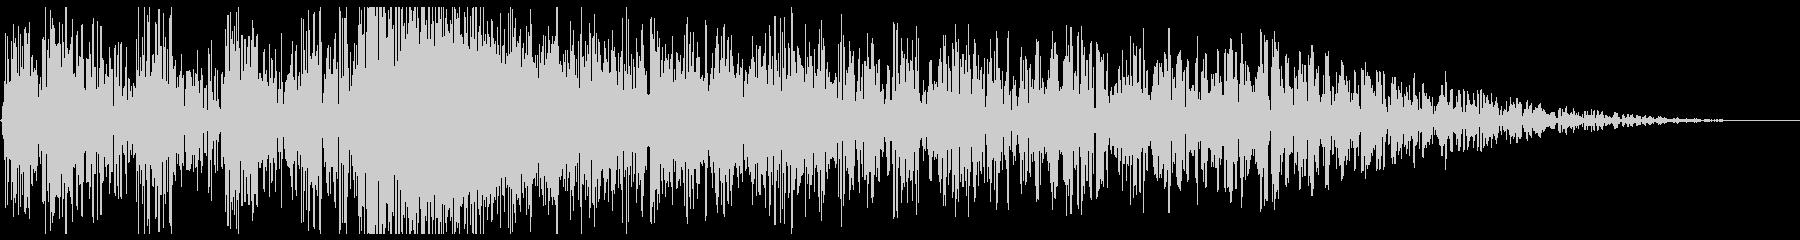 ドンドンバシューン(爆弾の音)の未再生の波形